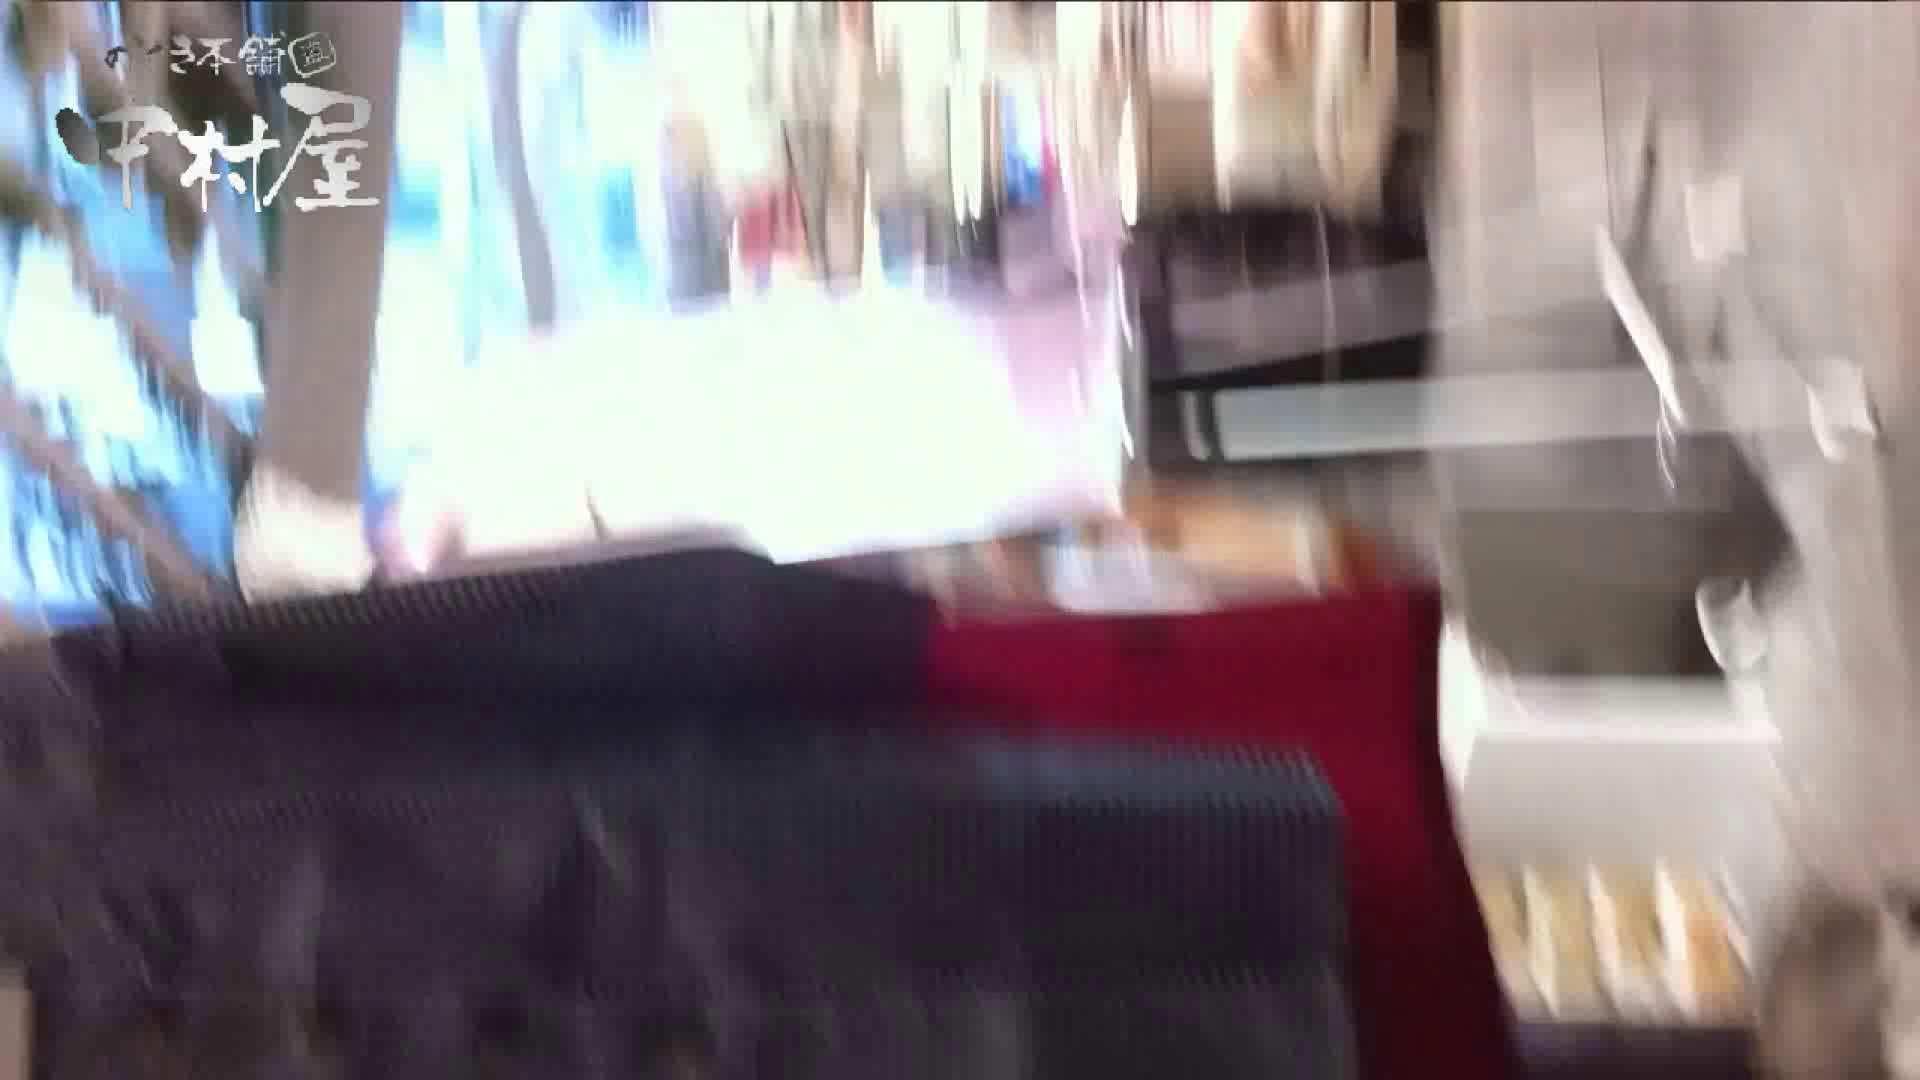 vol.61 美人アパレル胸チラ&パンチラ テカピンクのおパンツさん 胸チラ | パンチラ  107PIX 57